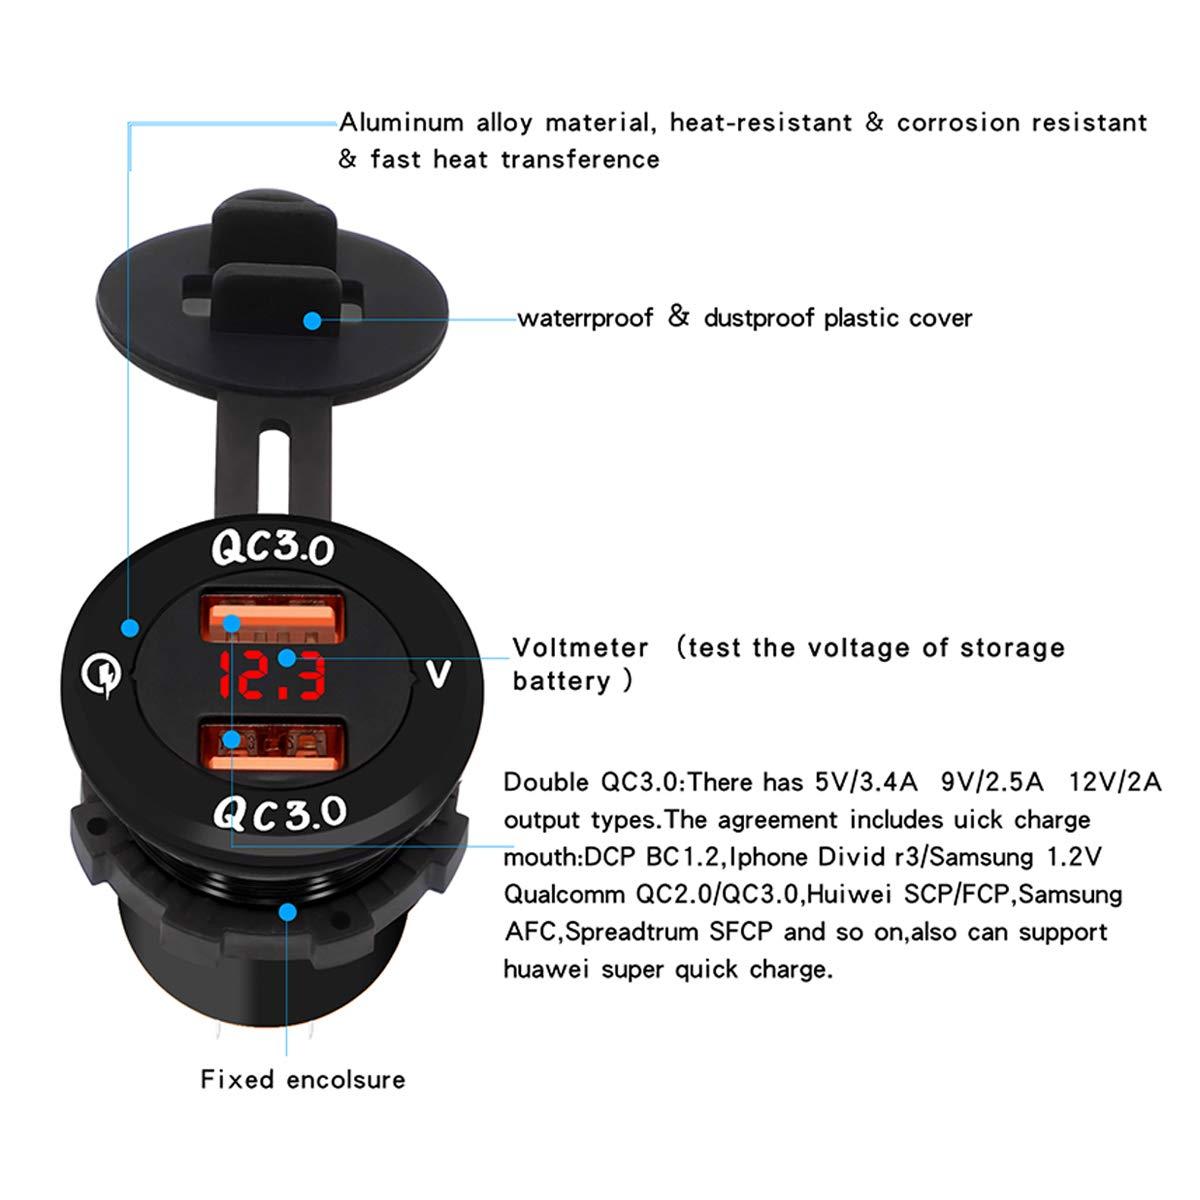 GOFORJUMP Chargeur Rapide de Voiture Coque Noire Lumi/ère Verte QC3.0 Dual 2 Port USB Prise de Chargeur de Voiture de Moto pour t/él/éphone Portable Double Chargeur USB Chargeur 2 Ports